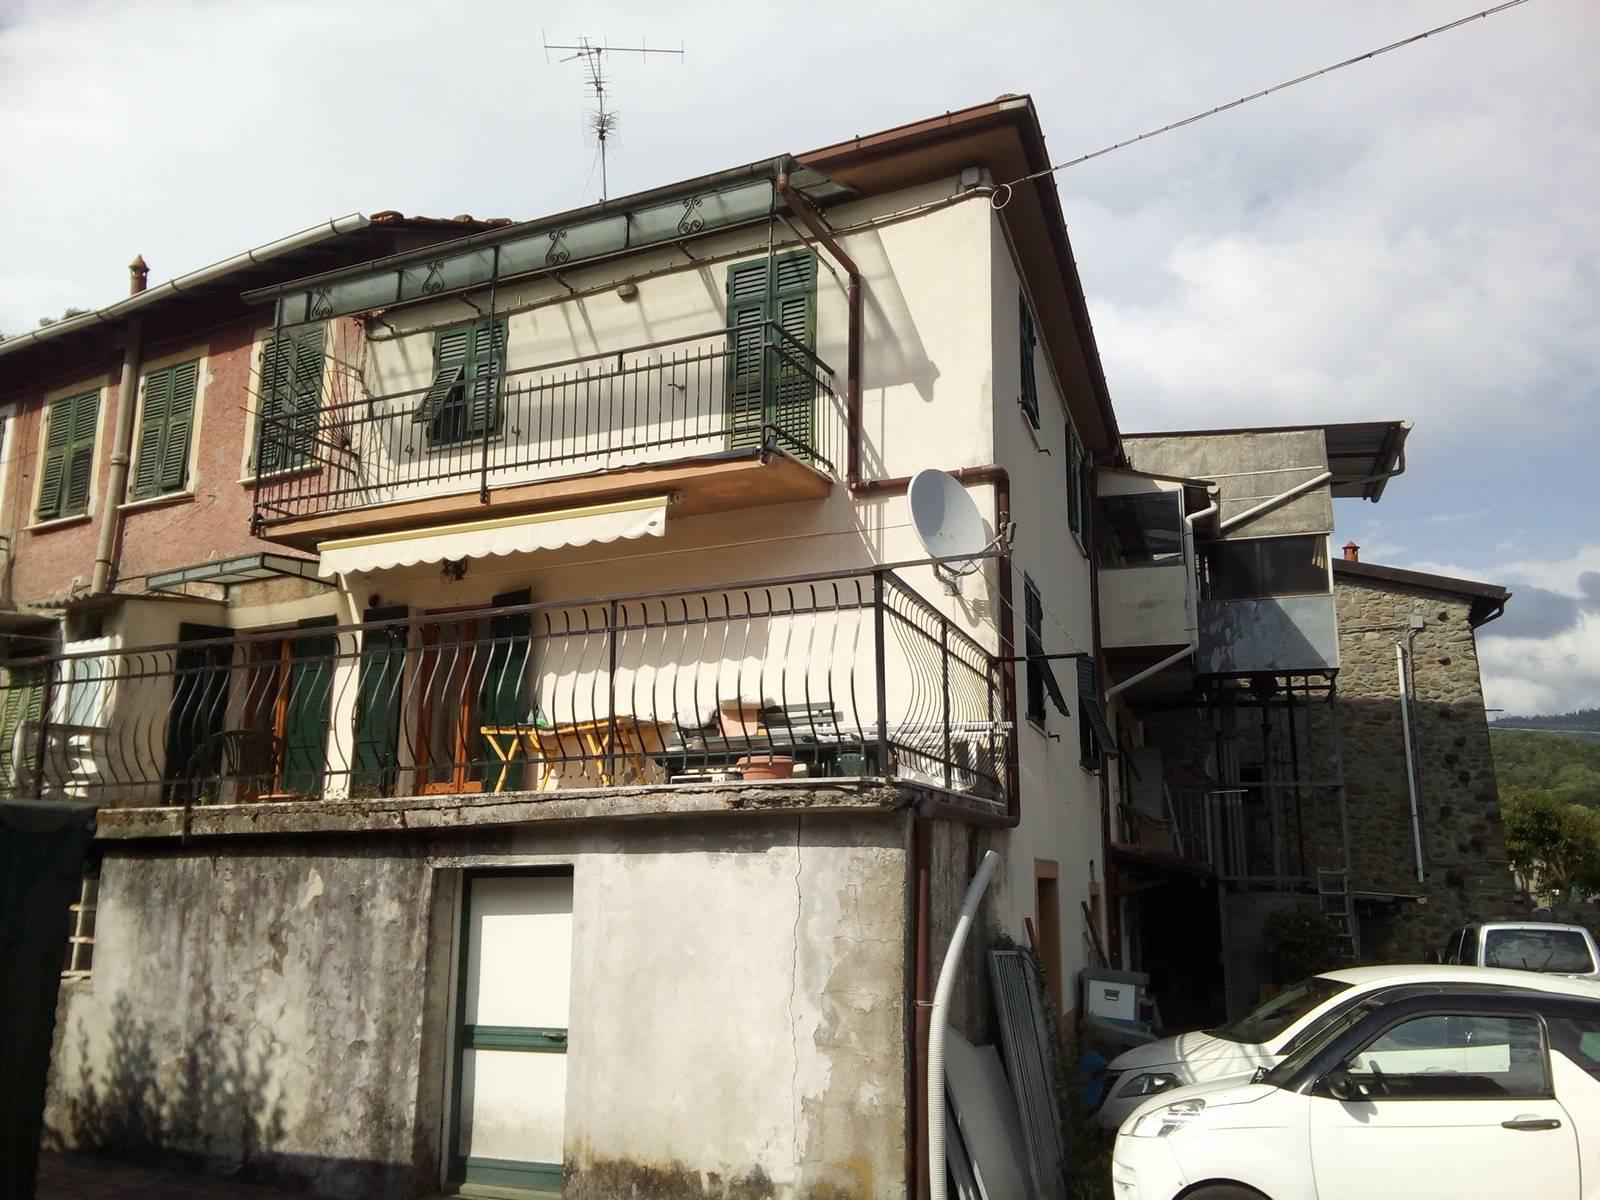 Appartamento in vendita a Riccò del Golfo di Spezia, 6 locali, prezzo € 128.000   PortaleAgenzieImmobiliari.it